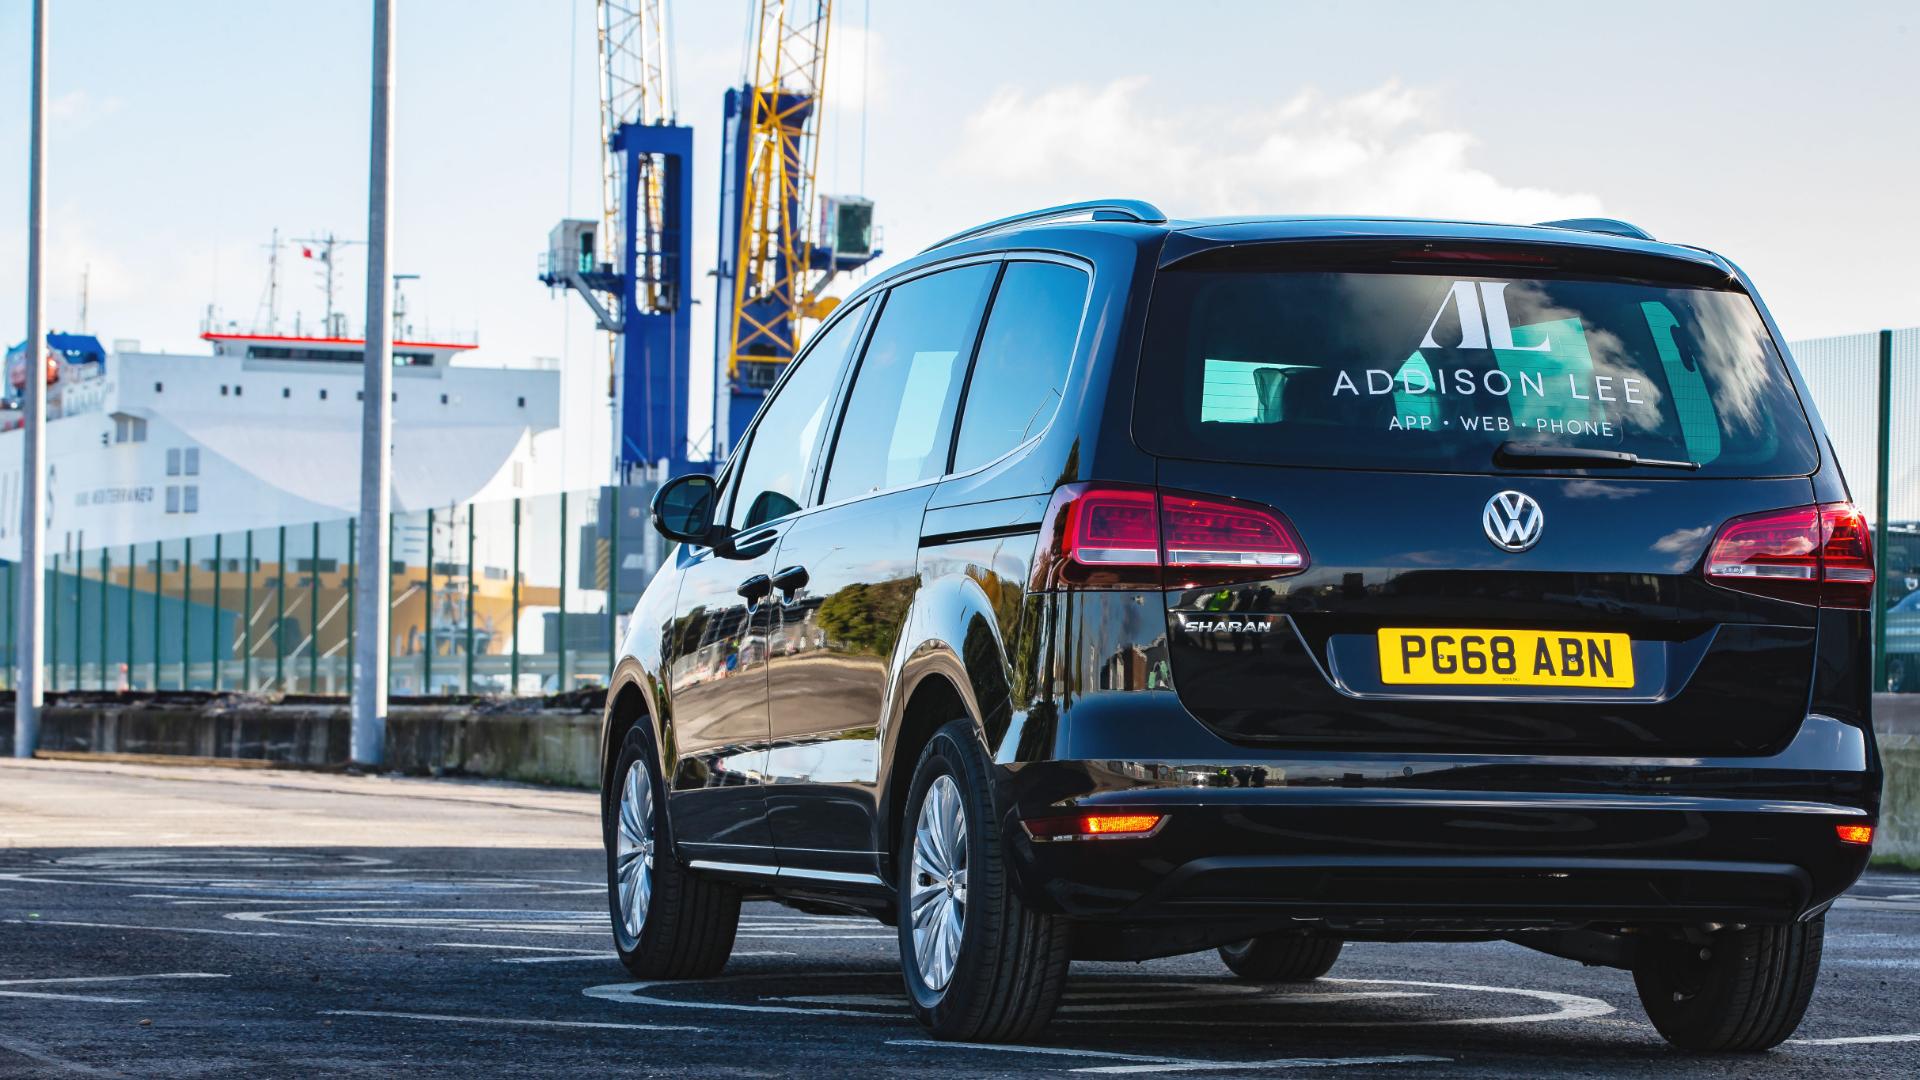 Jaguar Land Rover Ad Lee